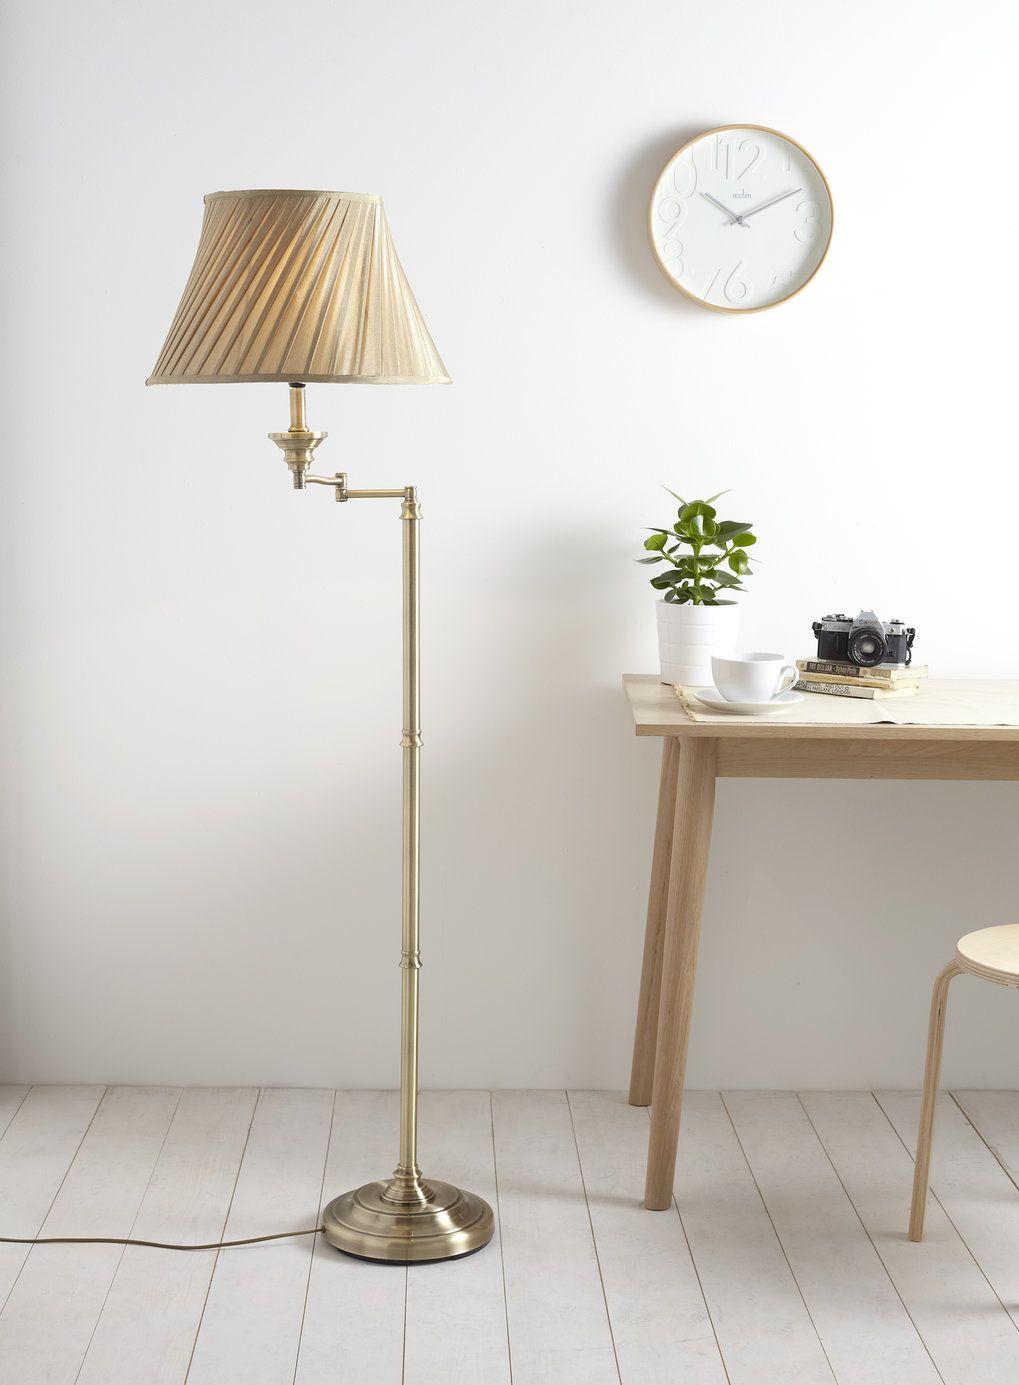 New Swing Arm Floor Lamp - BHS   Living room   Pinterest   Swing arm ...